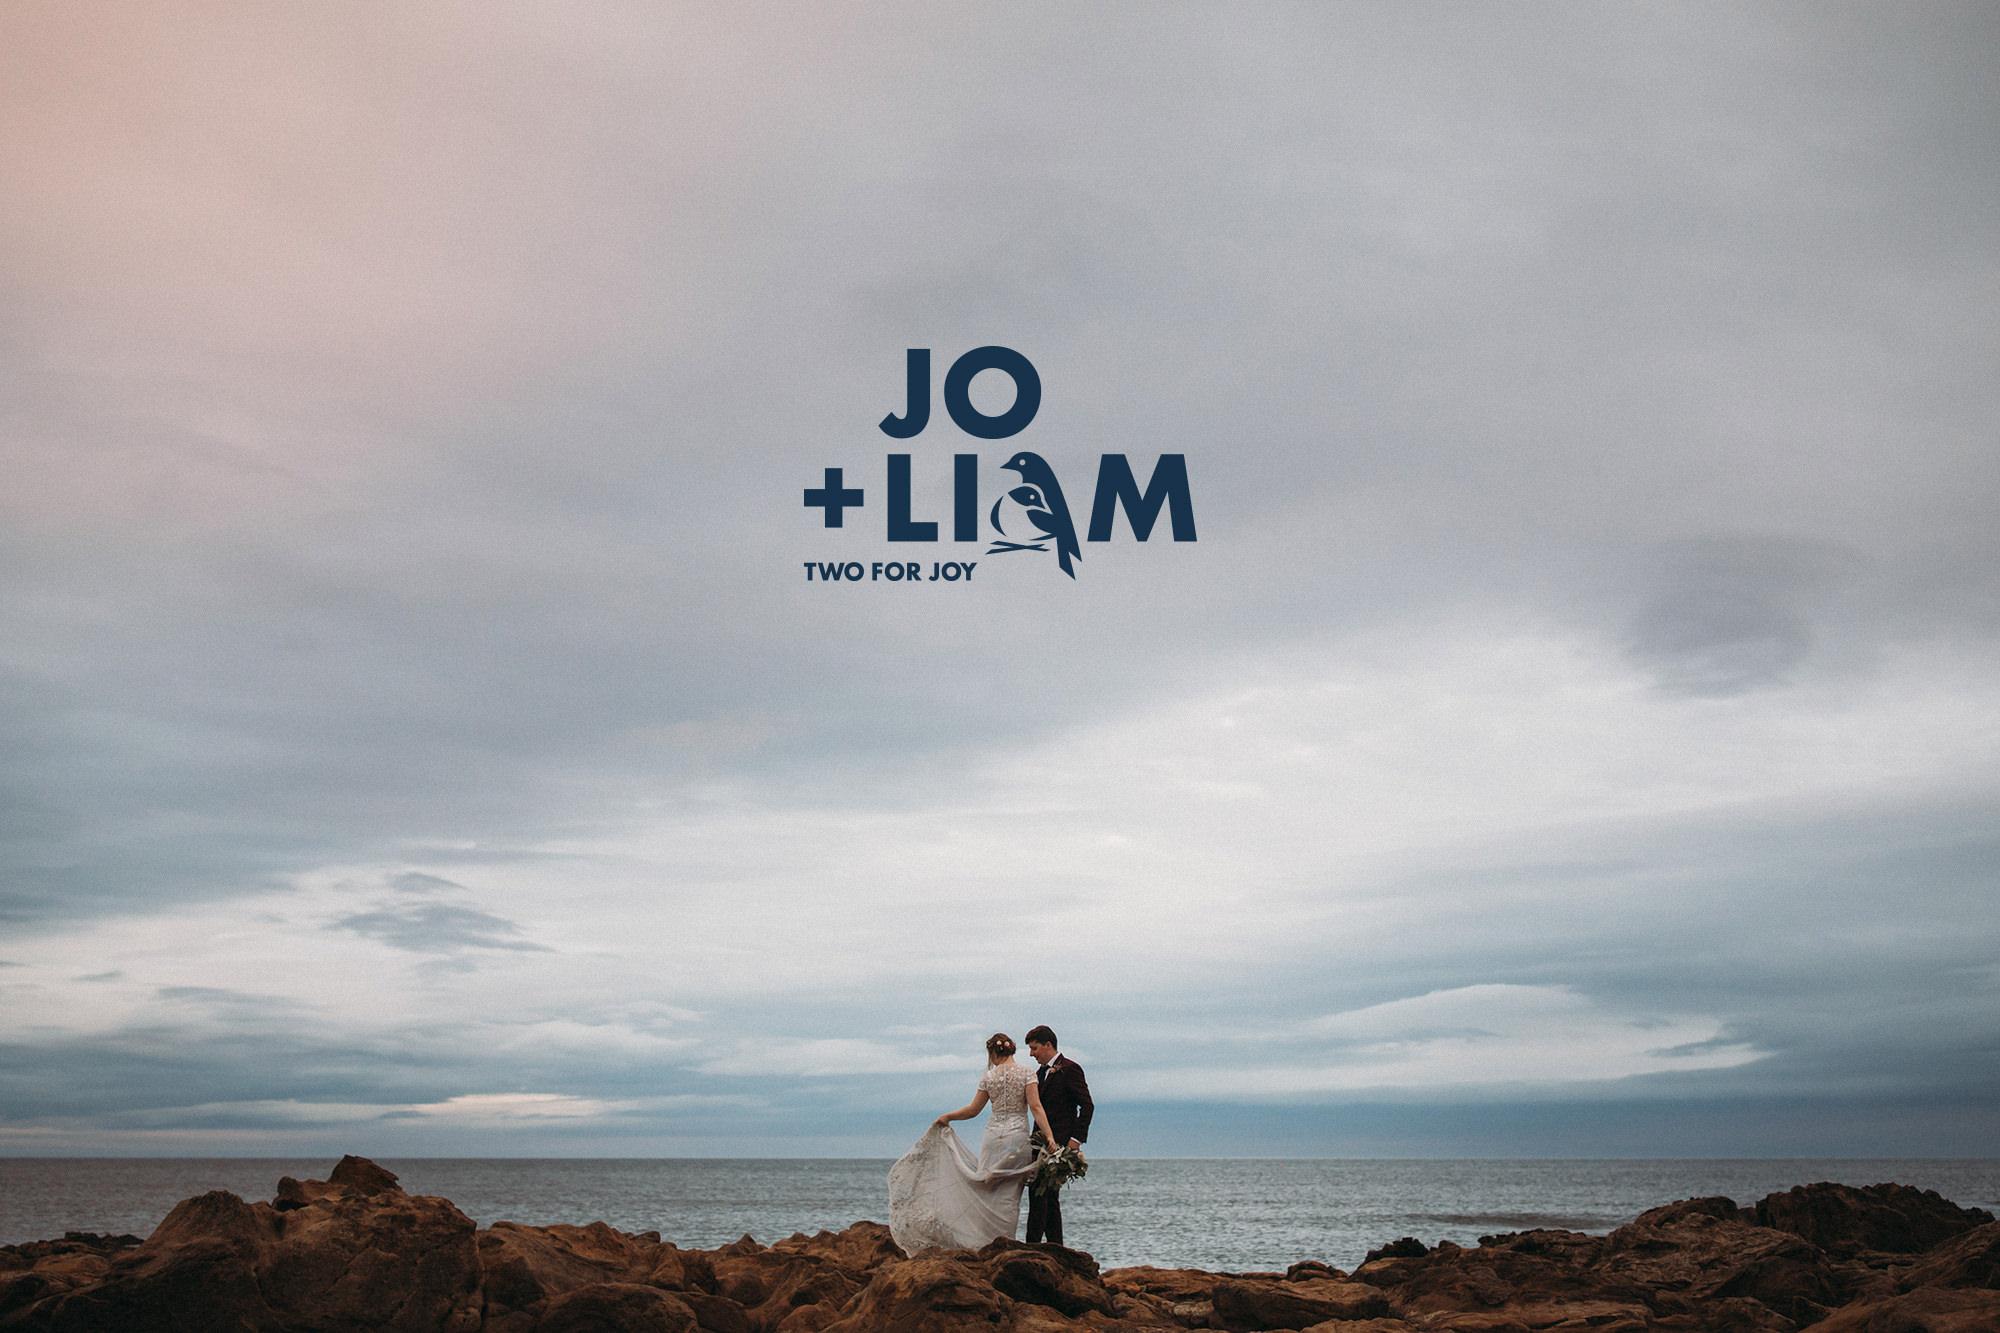 Jo-Liam-Branding-Design-1.jpg